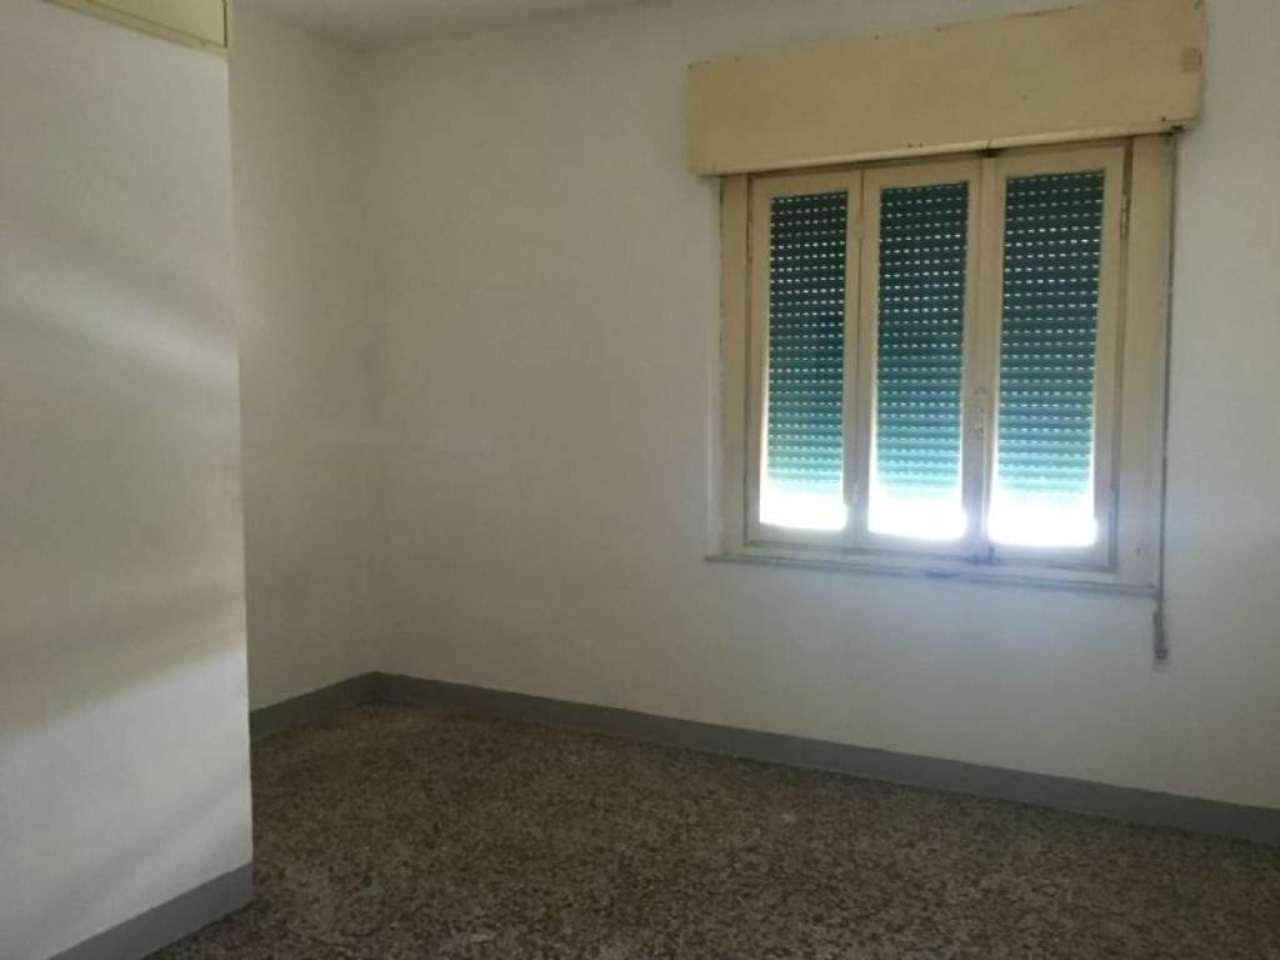 Palazzo / Stabile in vendita a Empoli, 5 locali, prezzo € 180.000   Cambio Casa.it